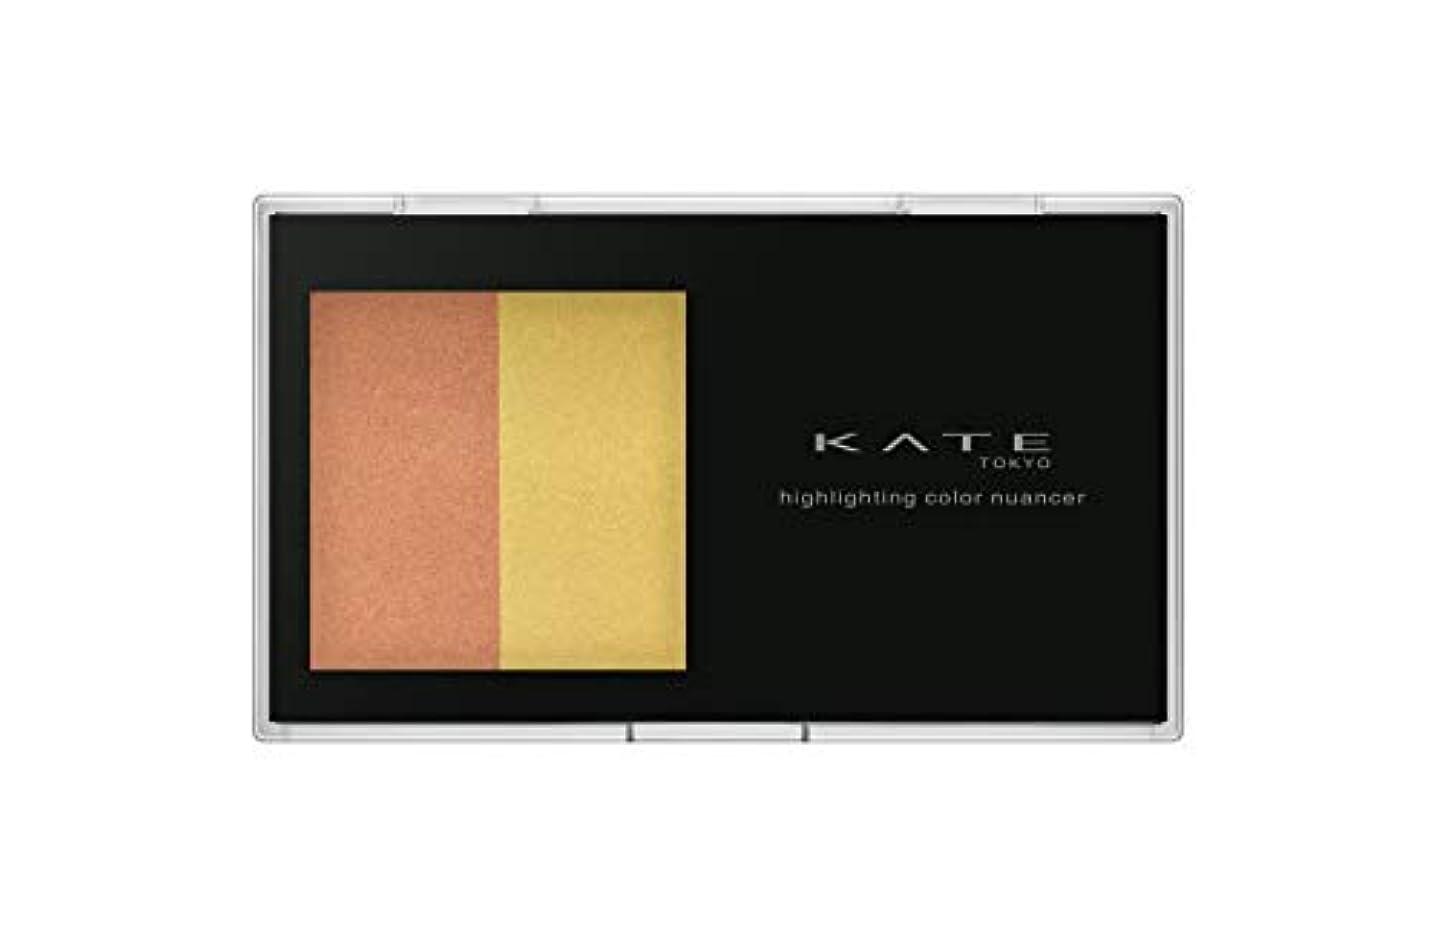 村慎重ポーターKATE(ケイト) ケイト ハイライティングカラーニュアンサー EX-2 チーク オレンジ 4.5g